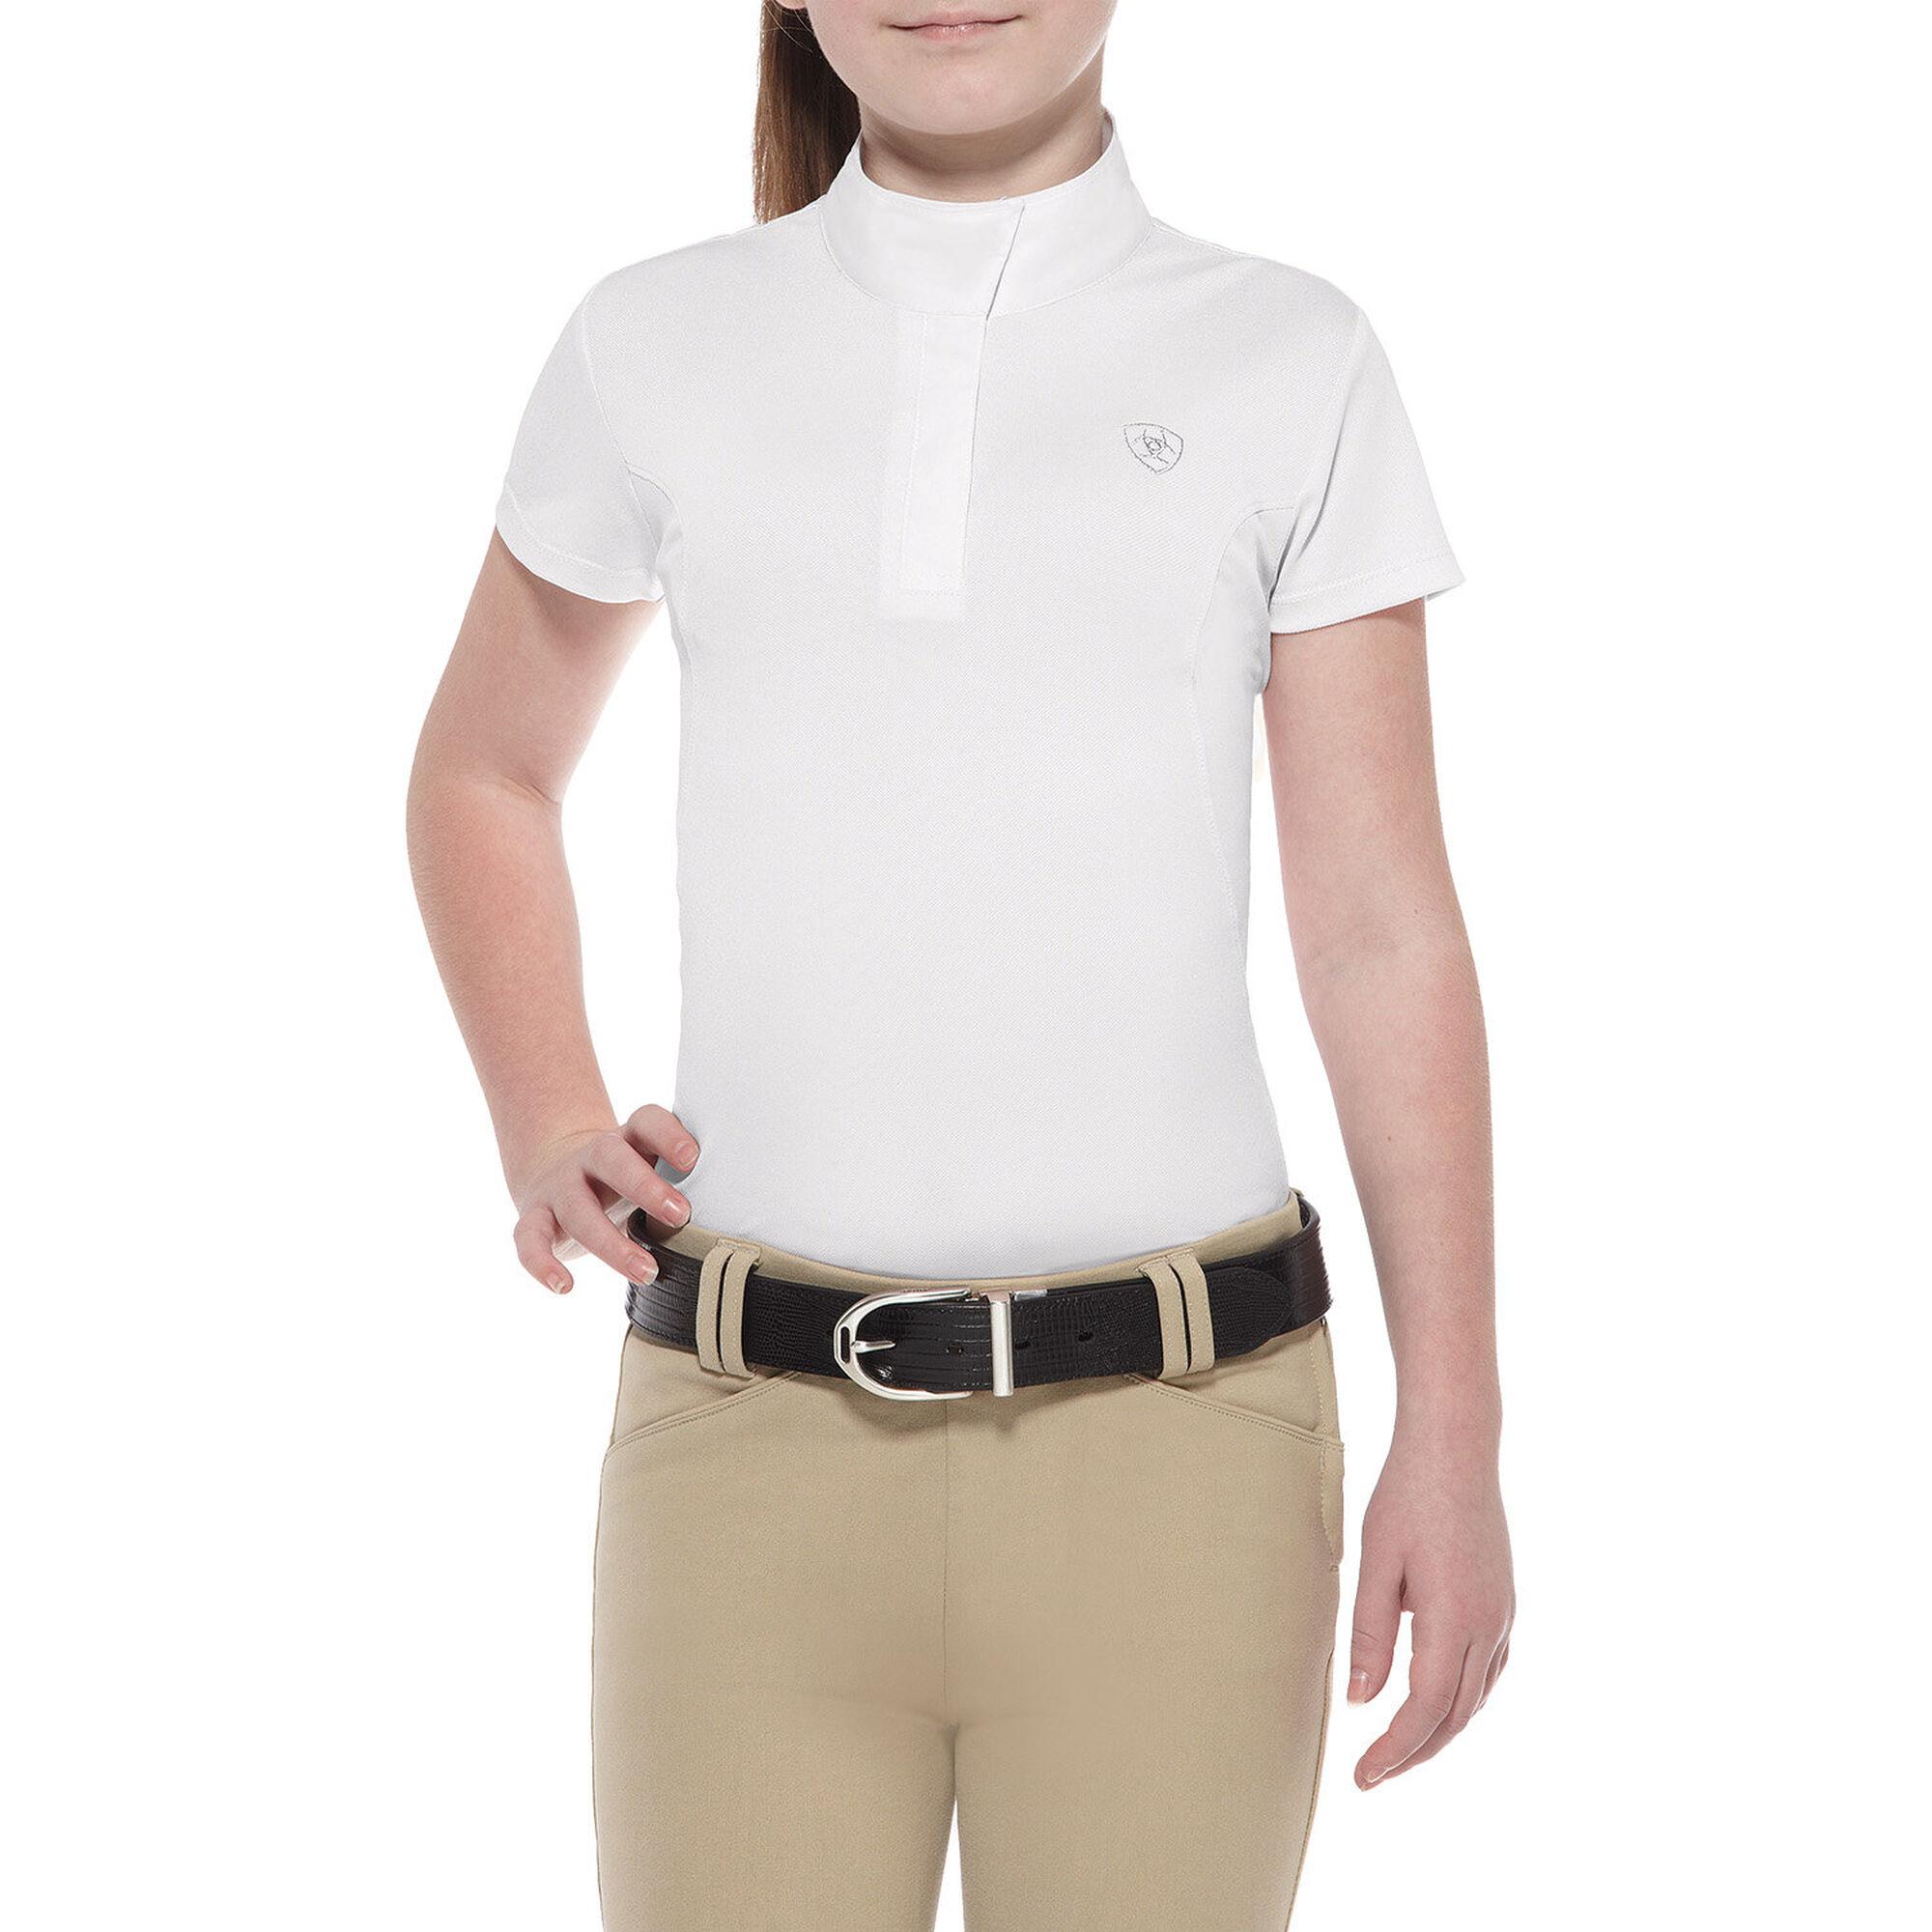 Aptos Show Shirt